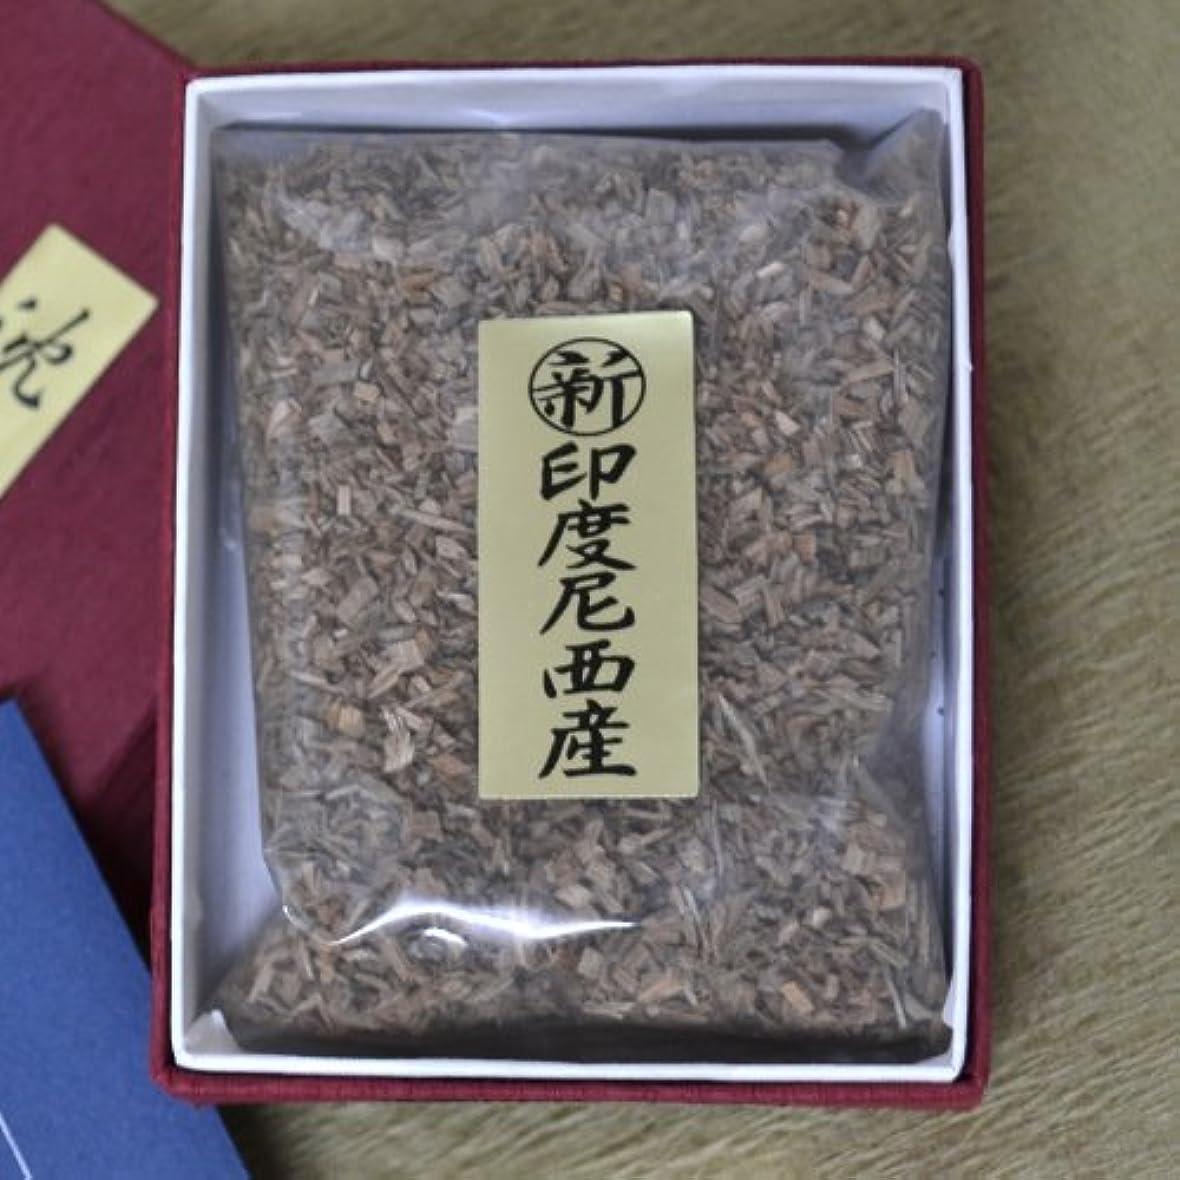 司法周り略奪香木 お焼香 新インドネシア産 沈香 【最高級品】 18g